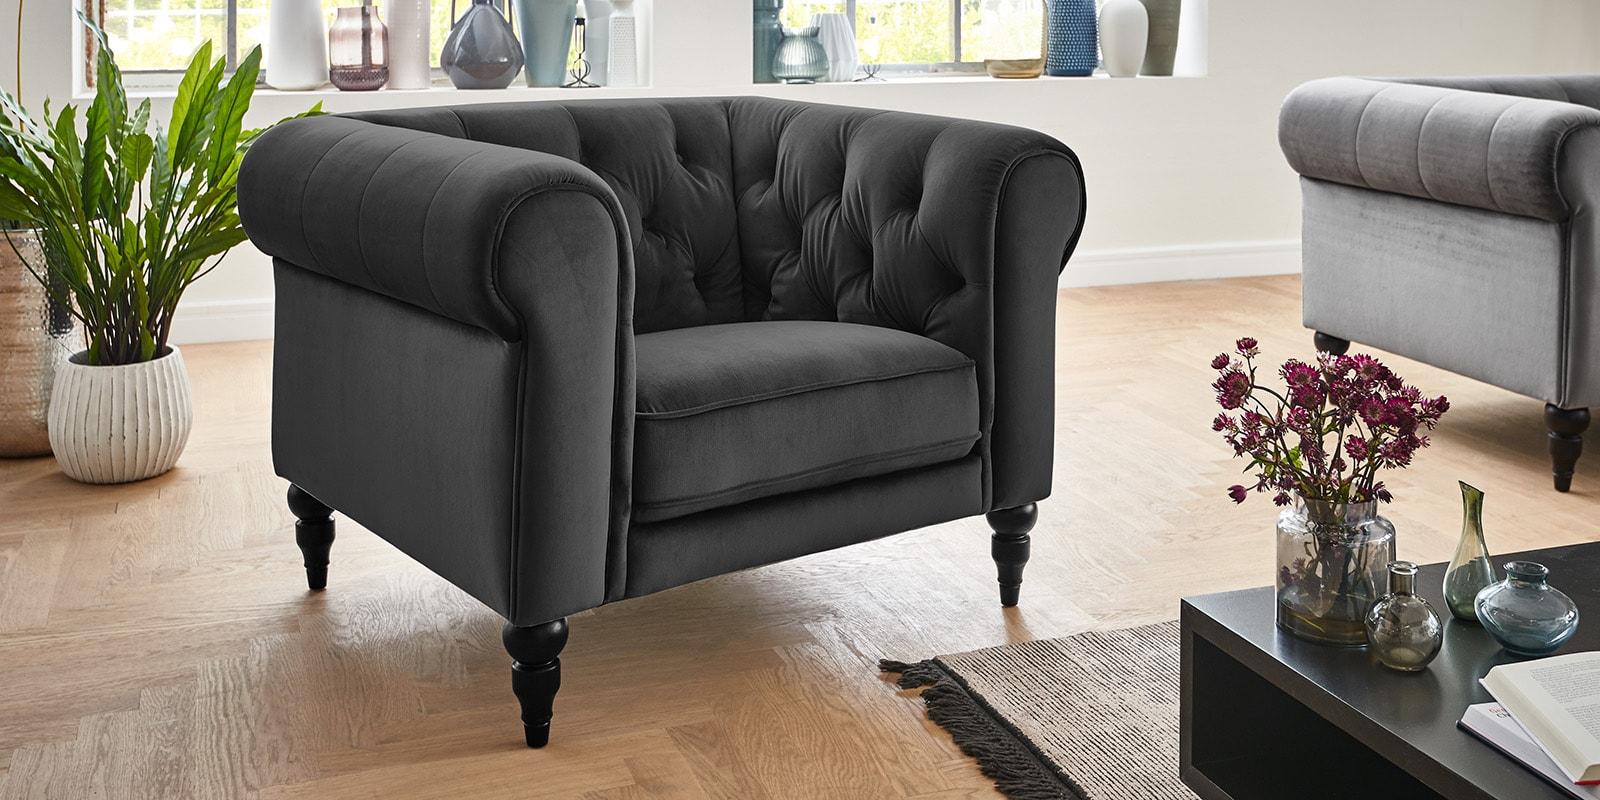 Moebella24 - 1-Sitzer - Sessel - Sofa - Hudson - Chesterfield - Samt - Anthrazit - Dekorative - Nähte - und - Versteppungen - Knopfheftung - Barock-Design - Füße